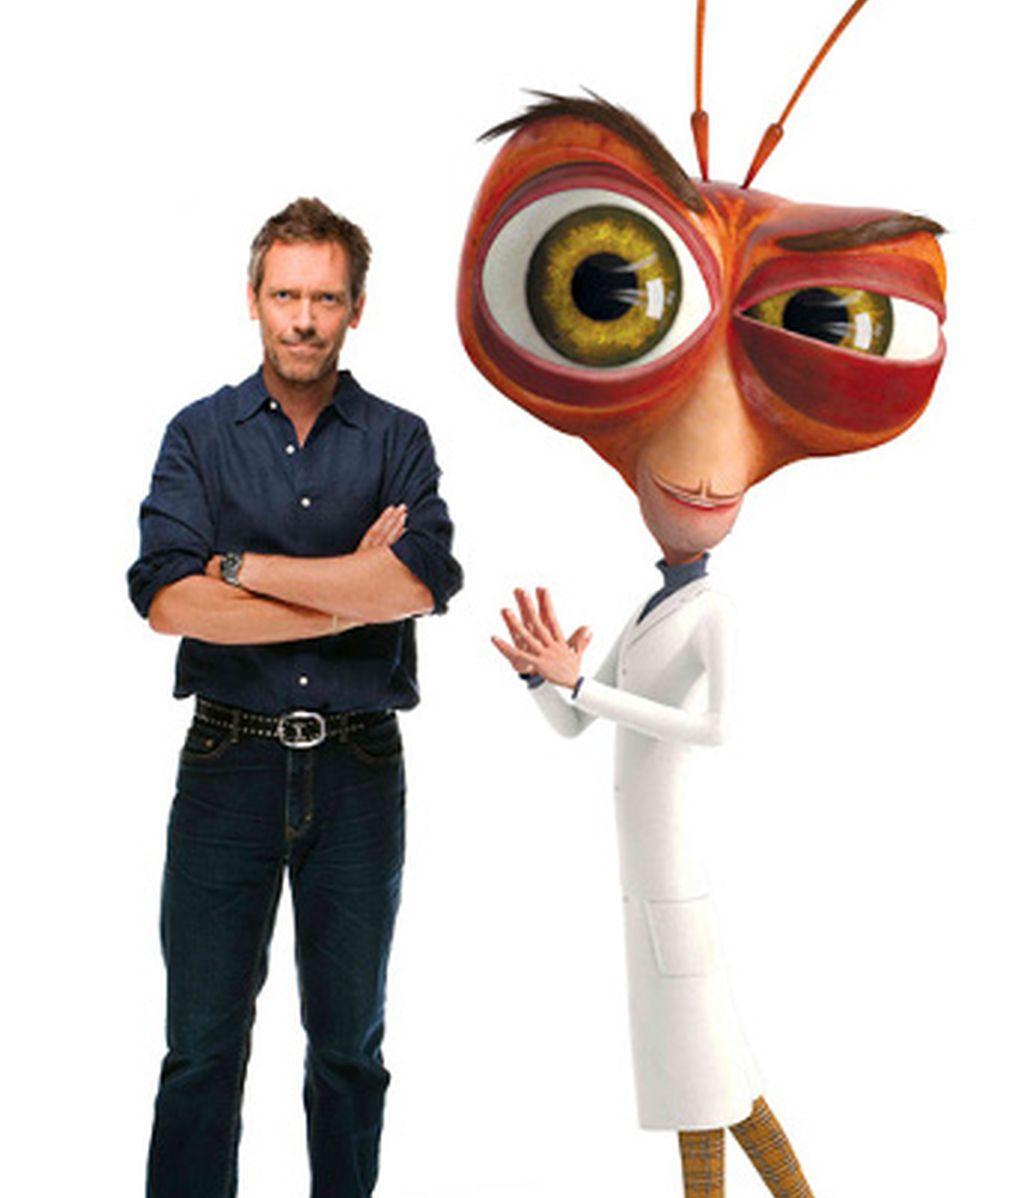 House es doctor, pero el Doctor Cucaracha